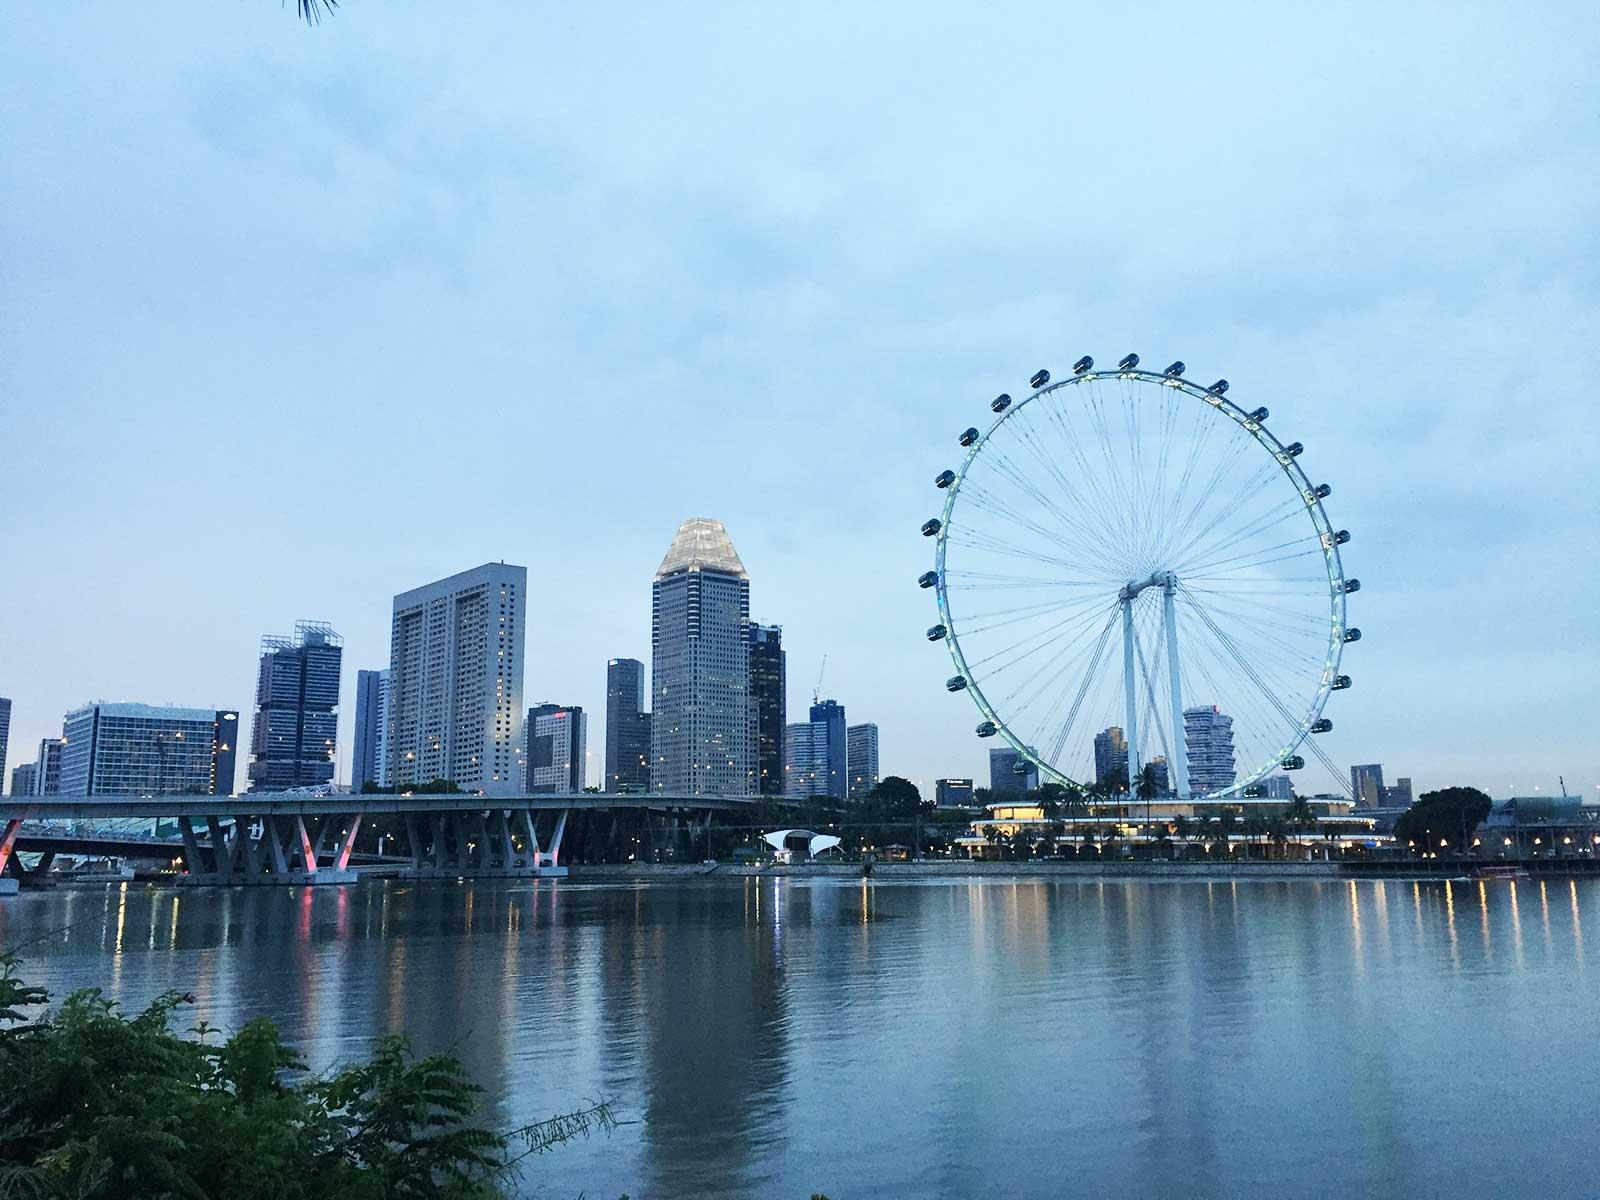 Sehenswürdigkeiten in Singapur; Singapore Flyer, Singapur Riesenrad